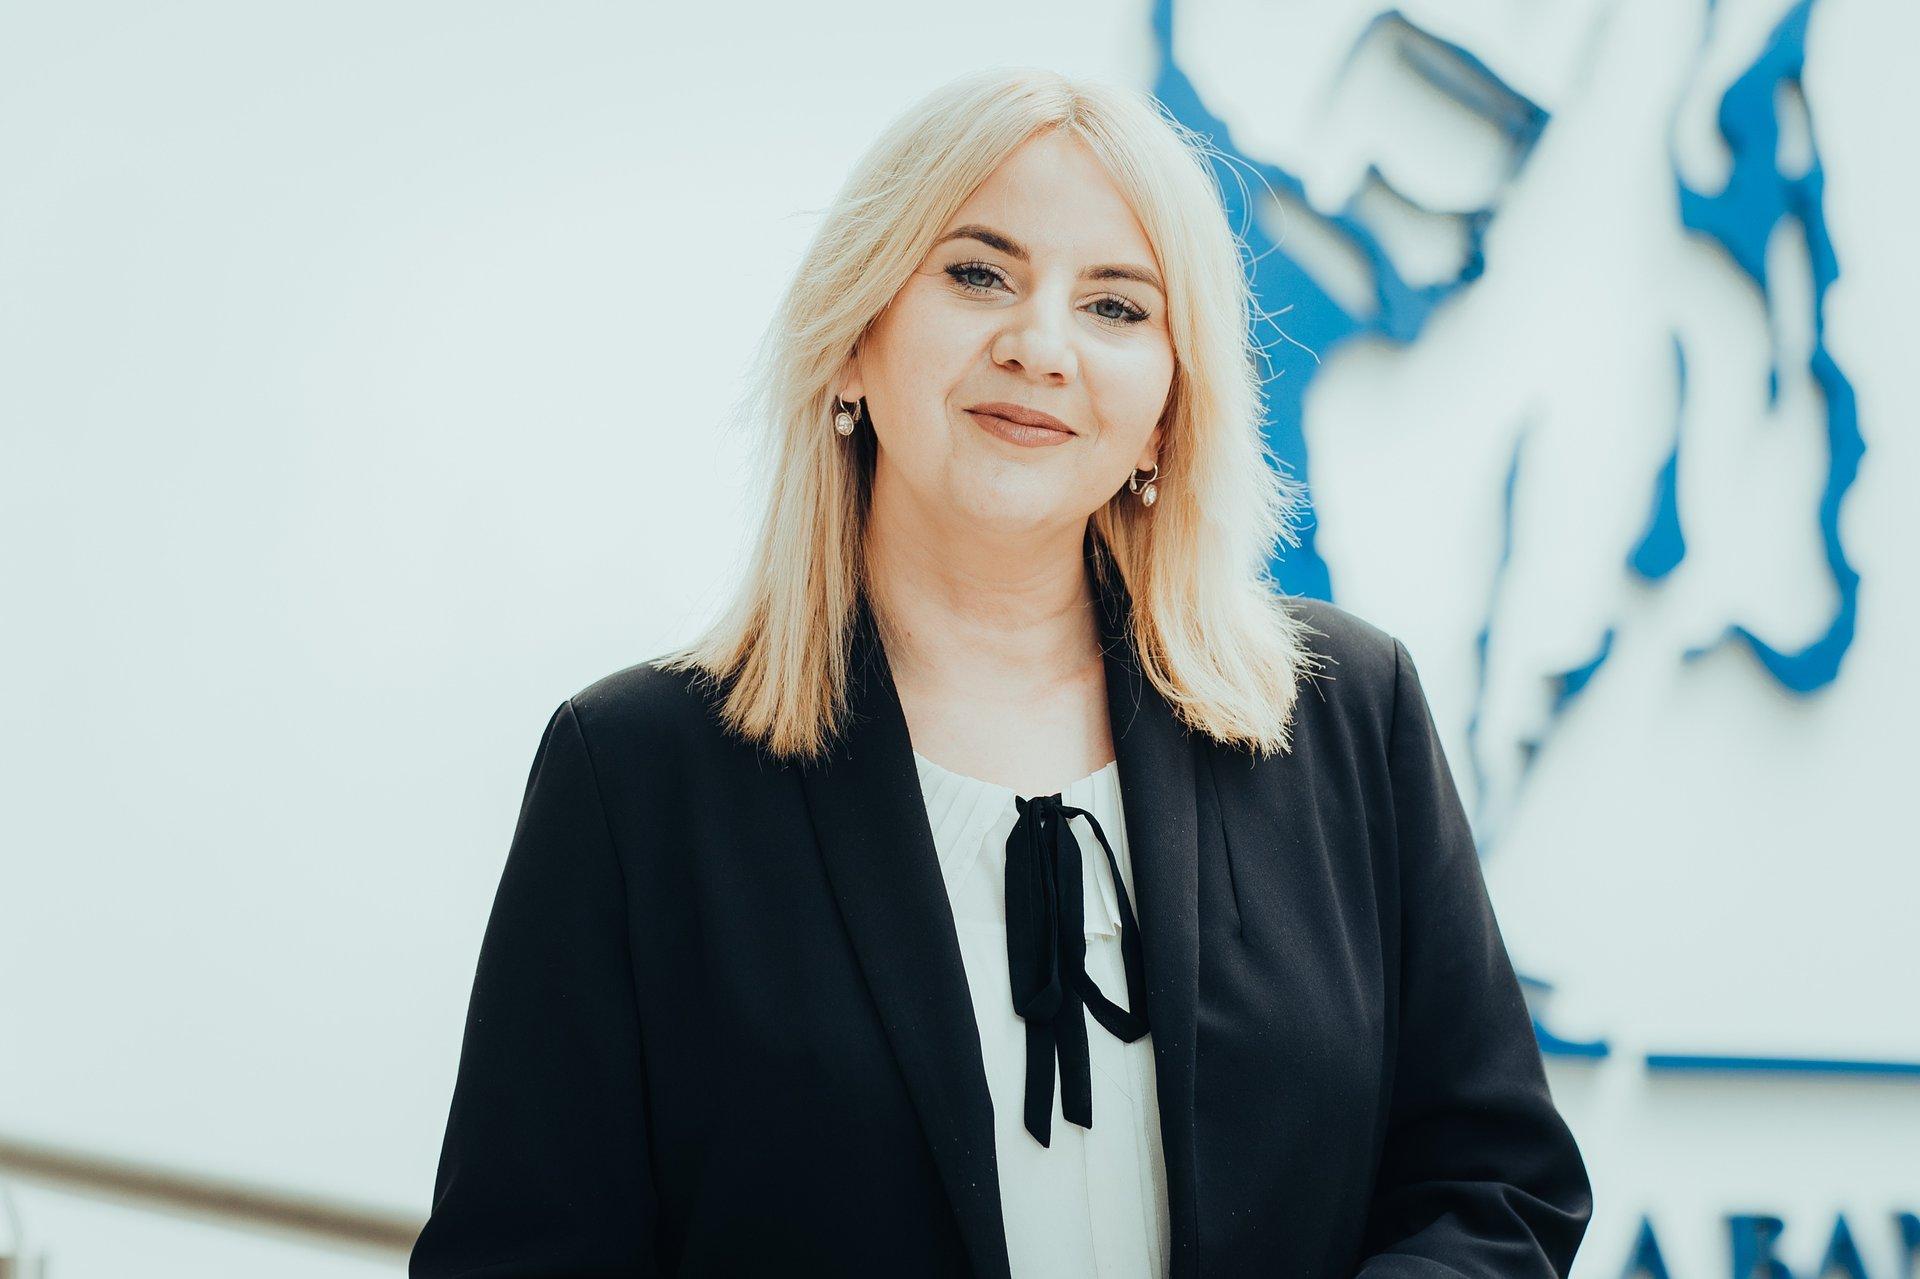 psychologia społeczna, psychologia wojskowa: Joanna Wiśniewska